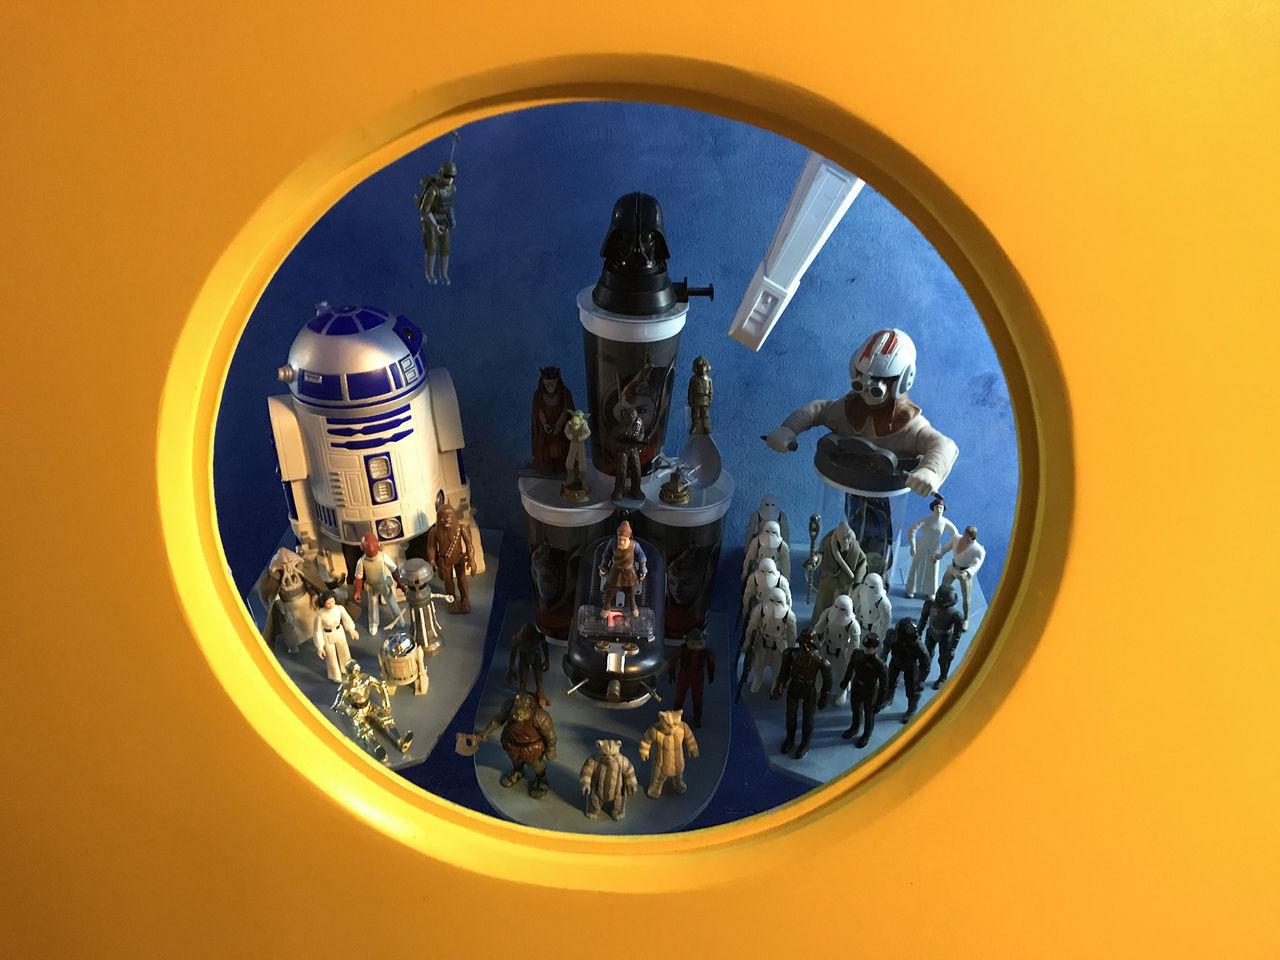 I morgon öppnar Stockholms nya leksaksmuseum